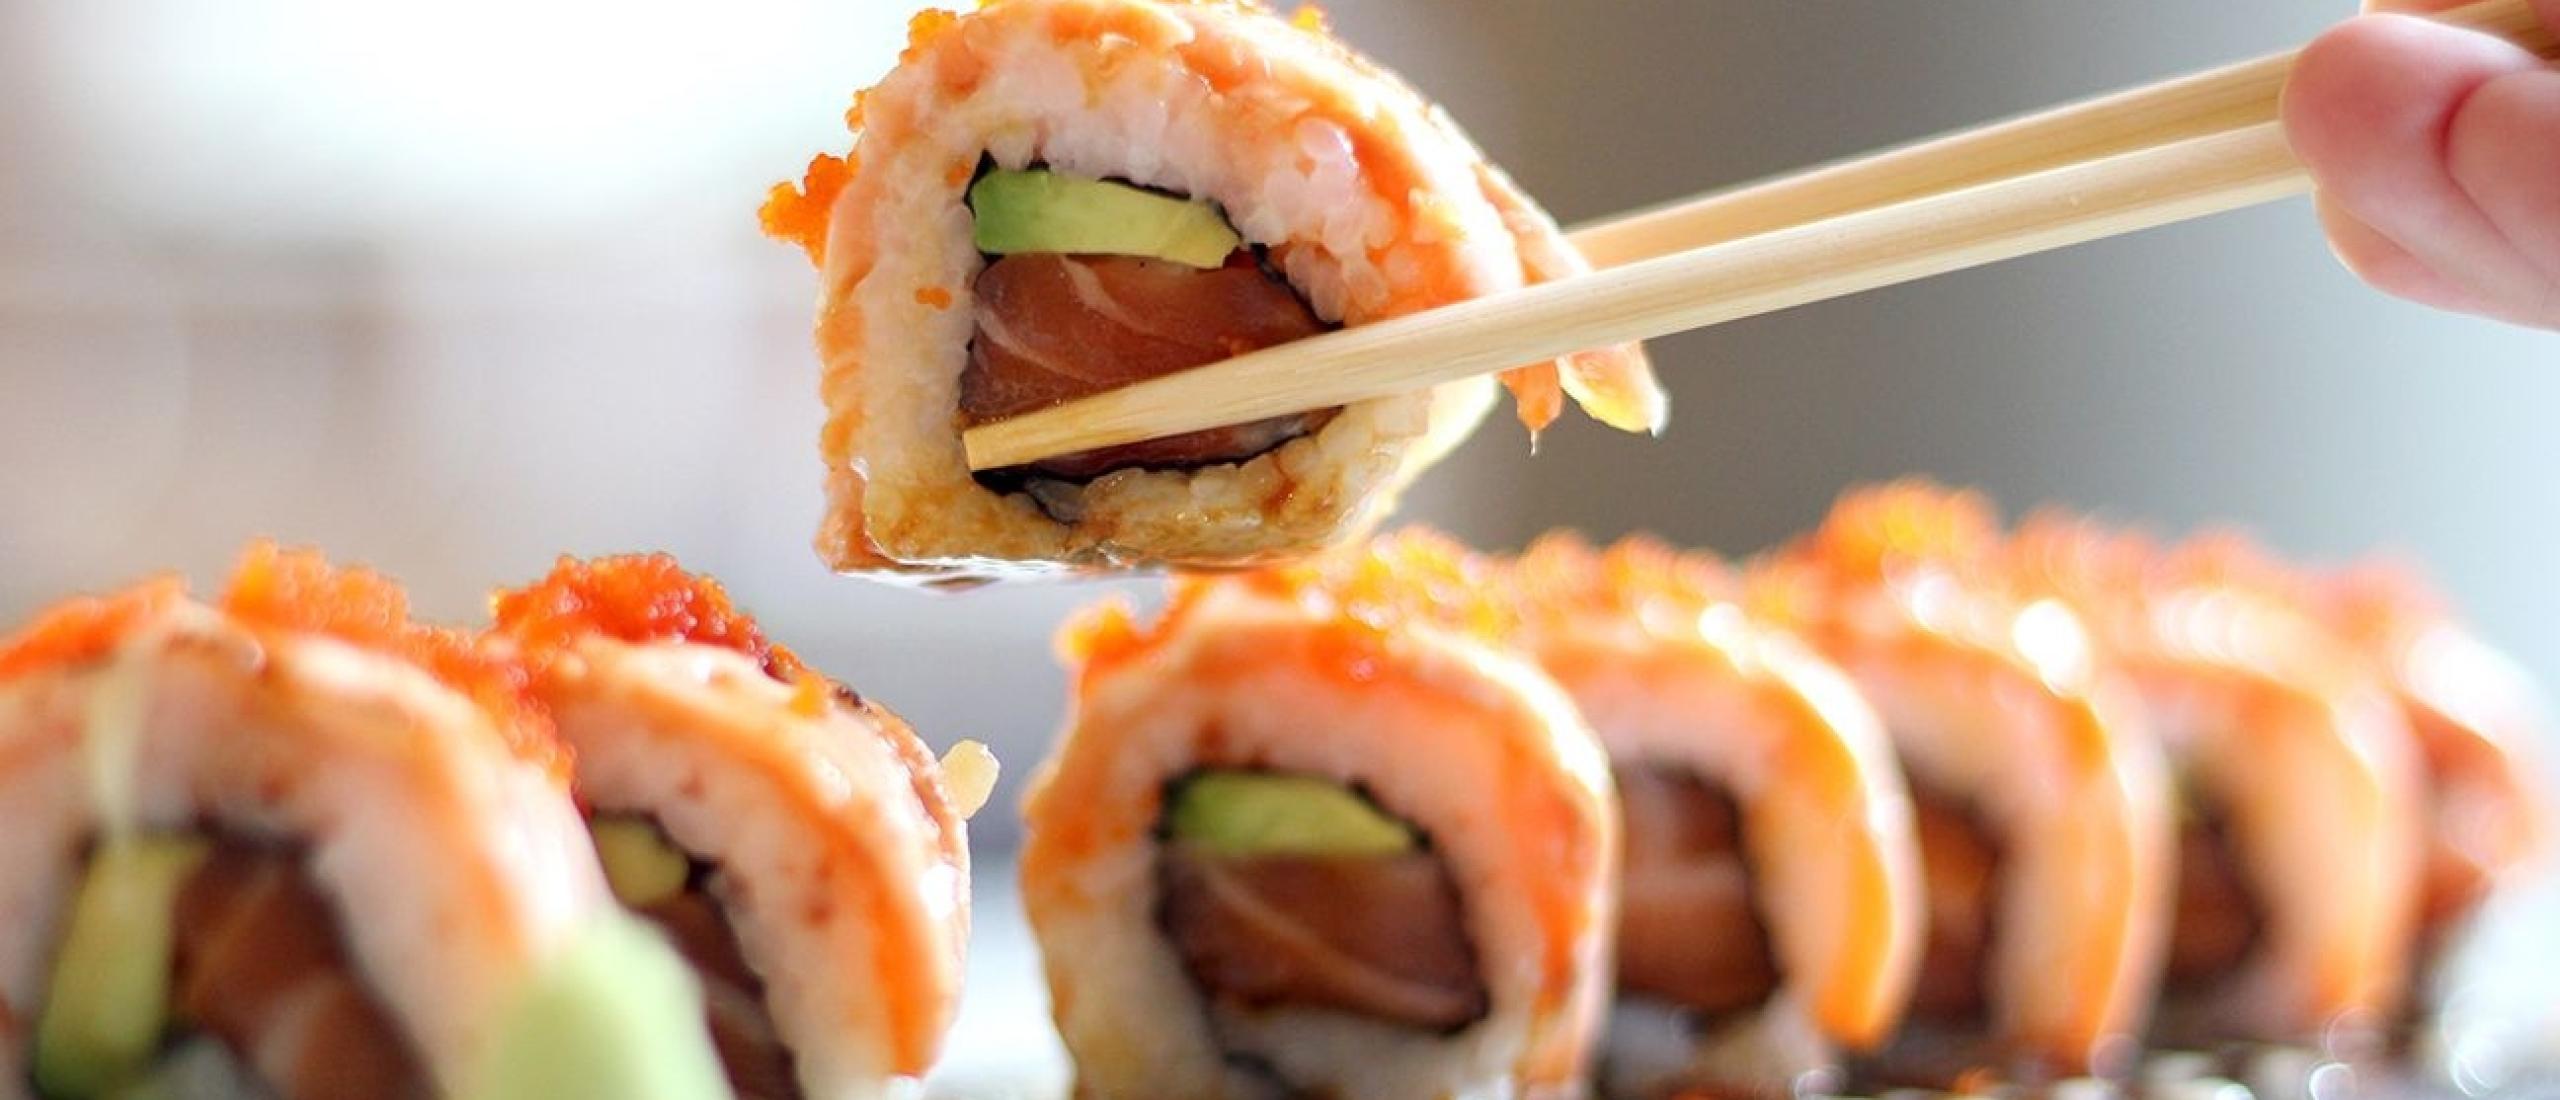 Hoe gezond is sushi eigenlijk?